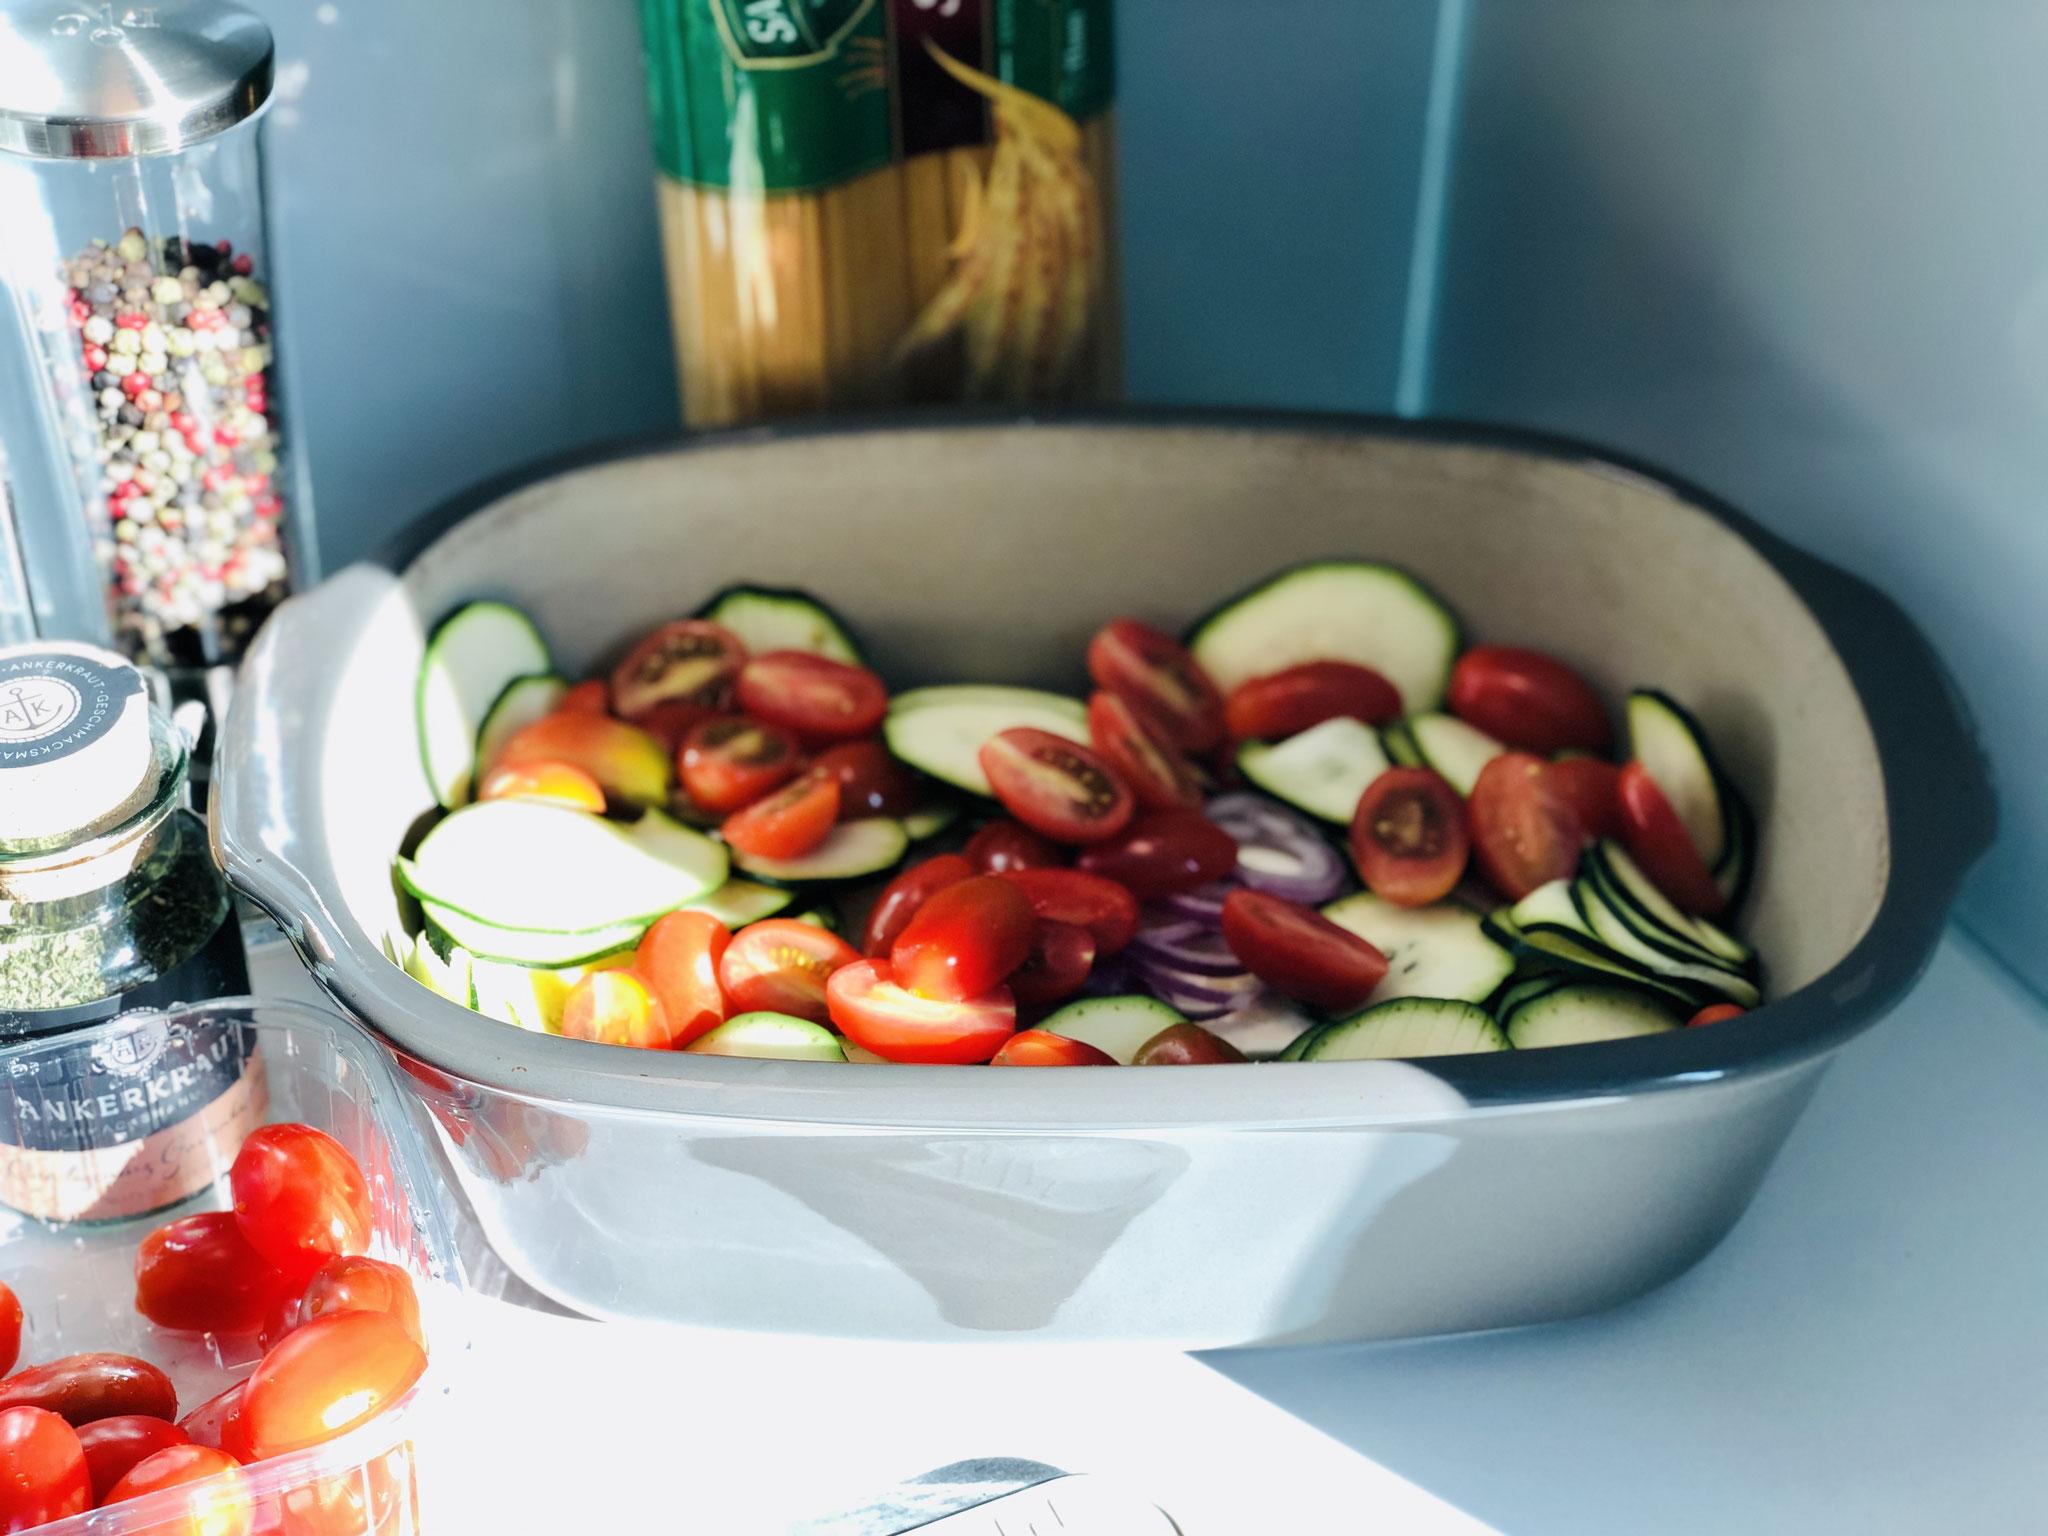 Tomaten halbieren und dazu geben.